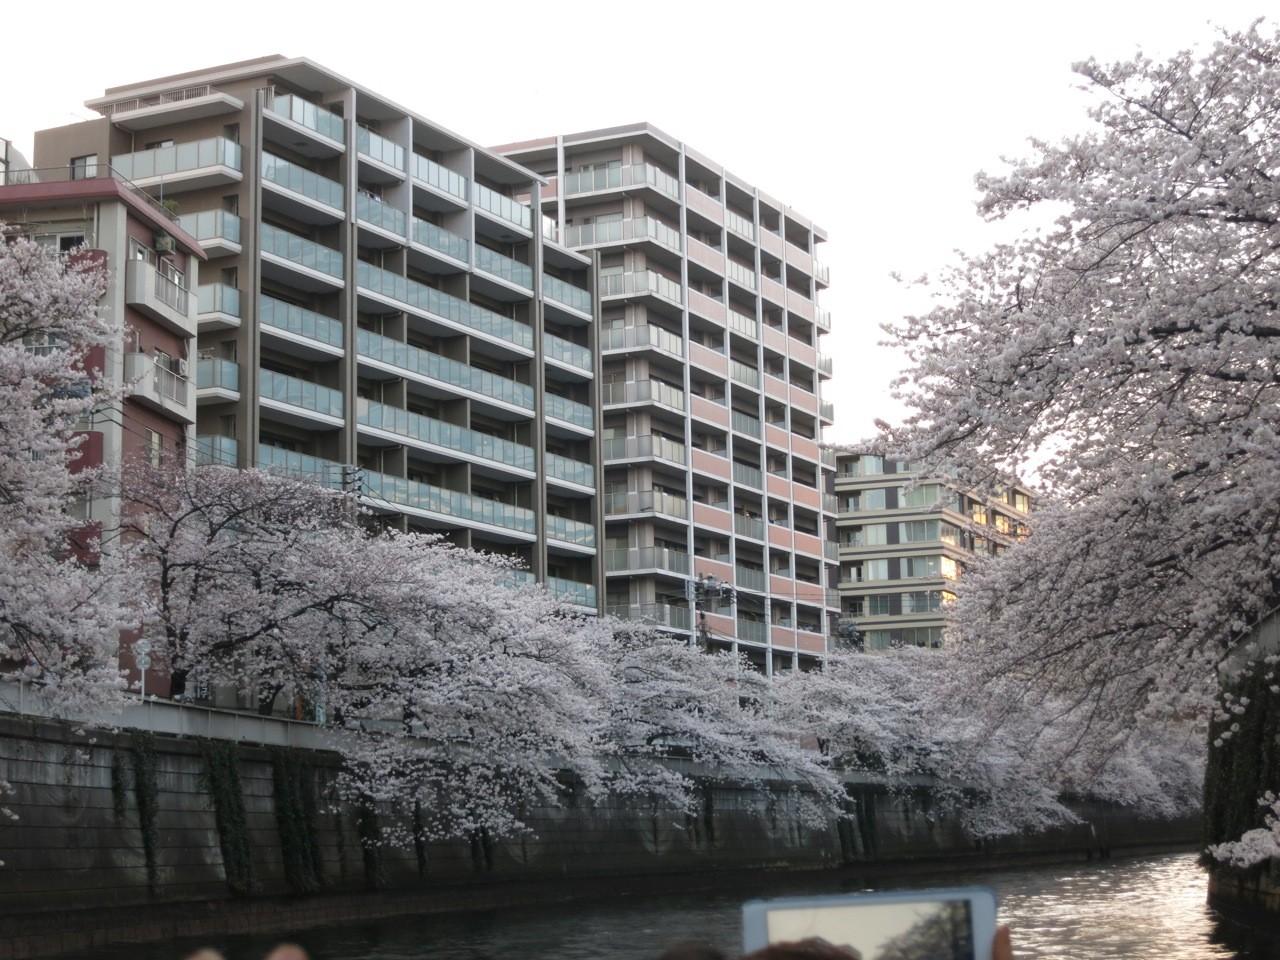 f:id:tokyocat:20150410121209j:image:w600